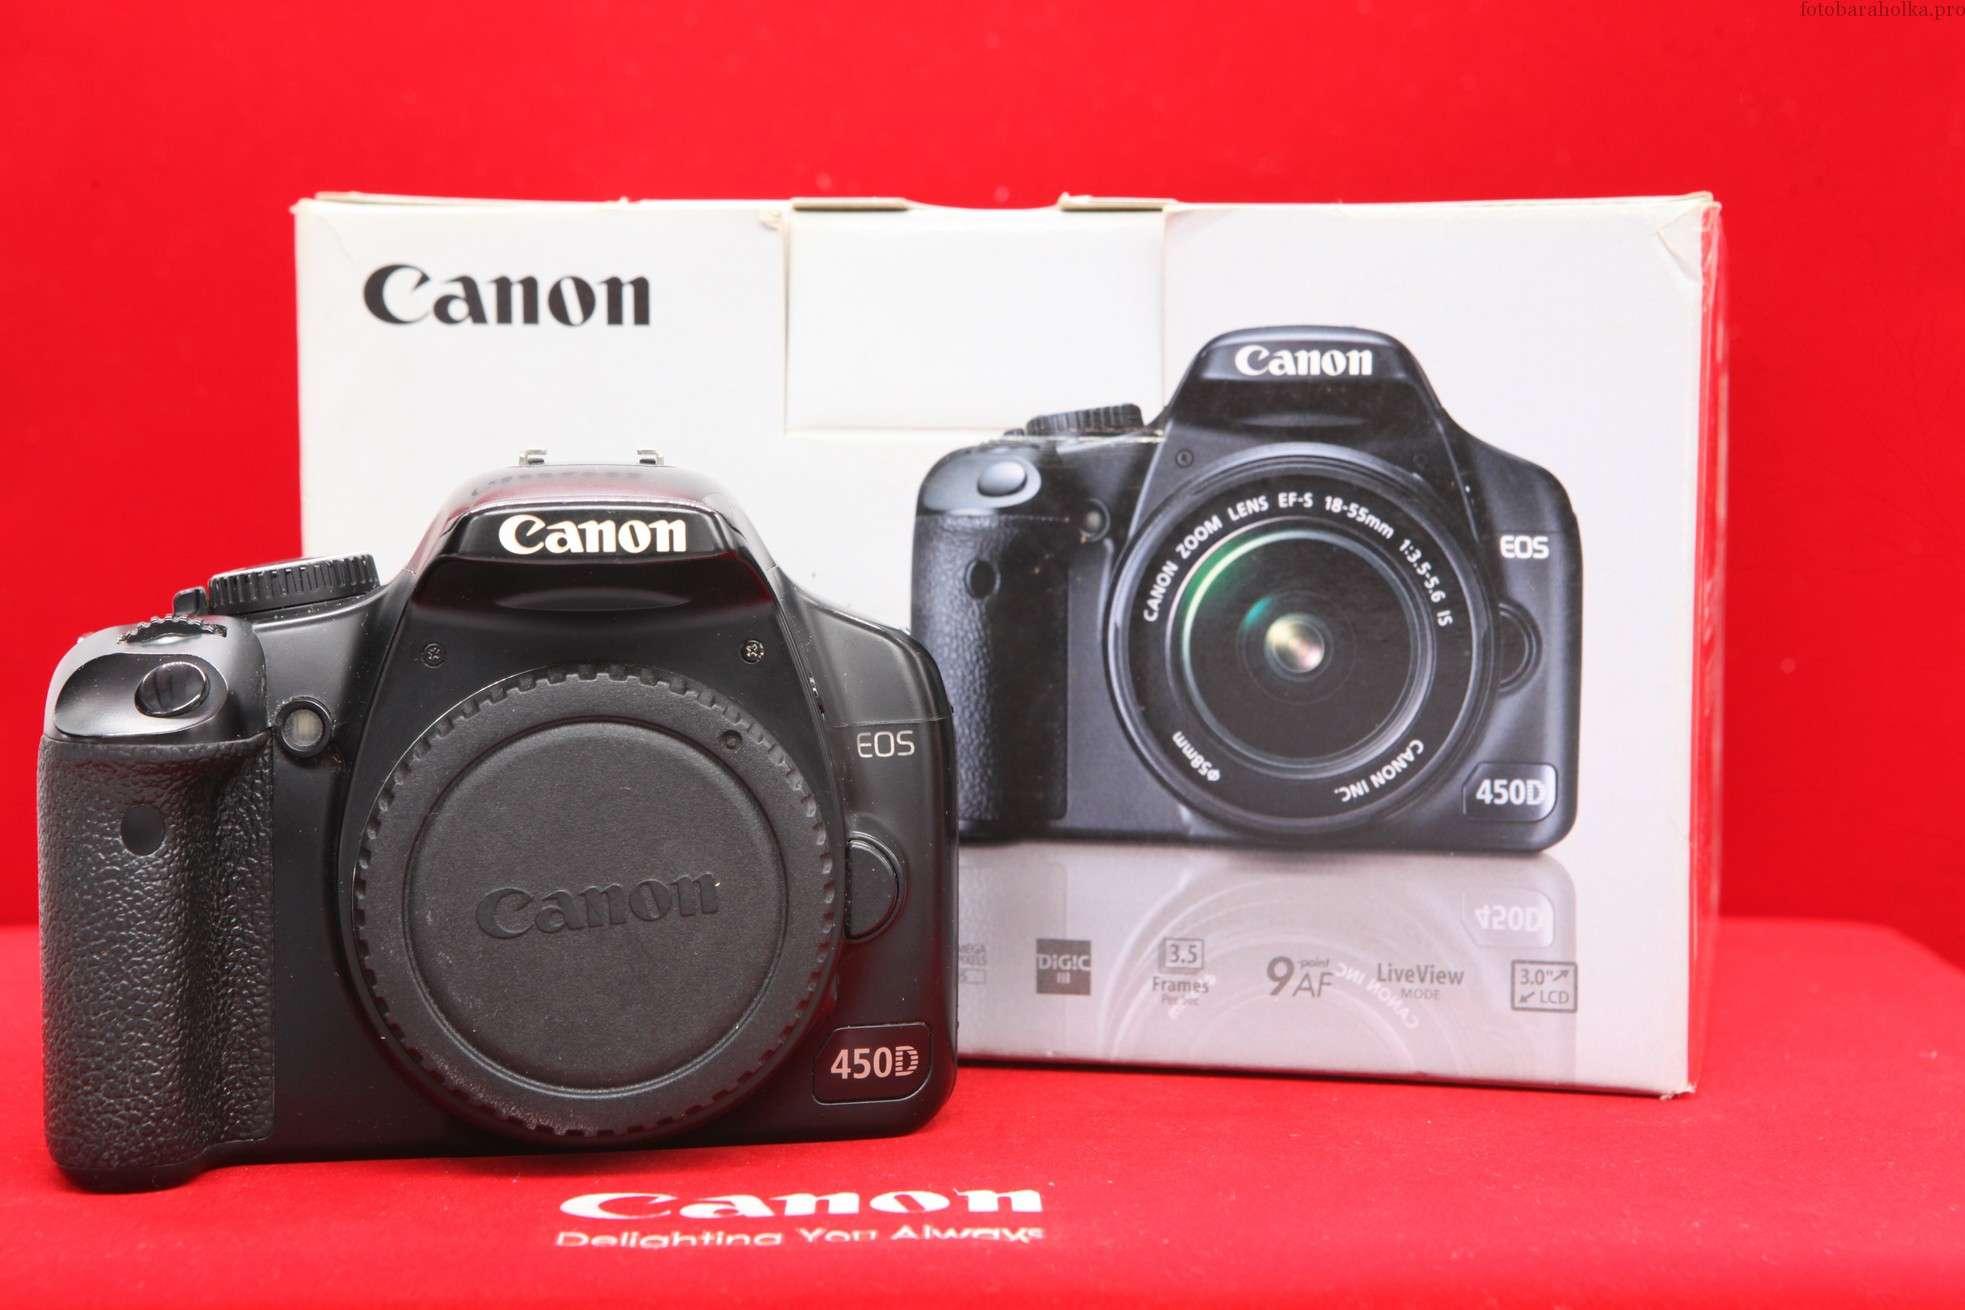 Camara fotos canon eos 450d 98